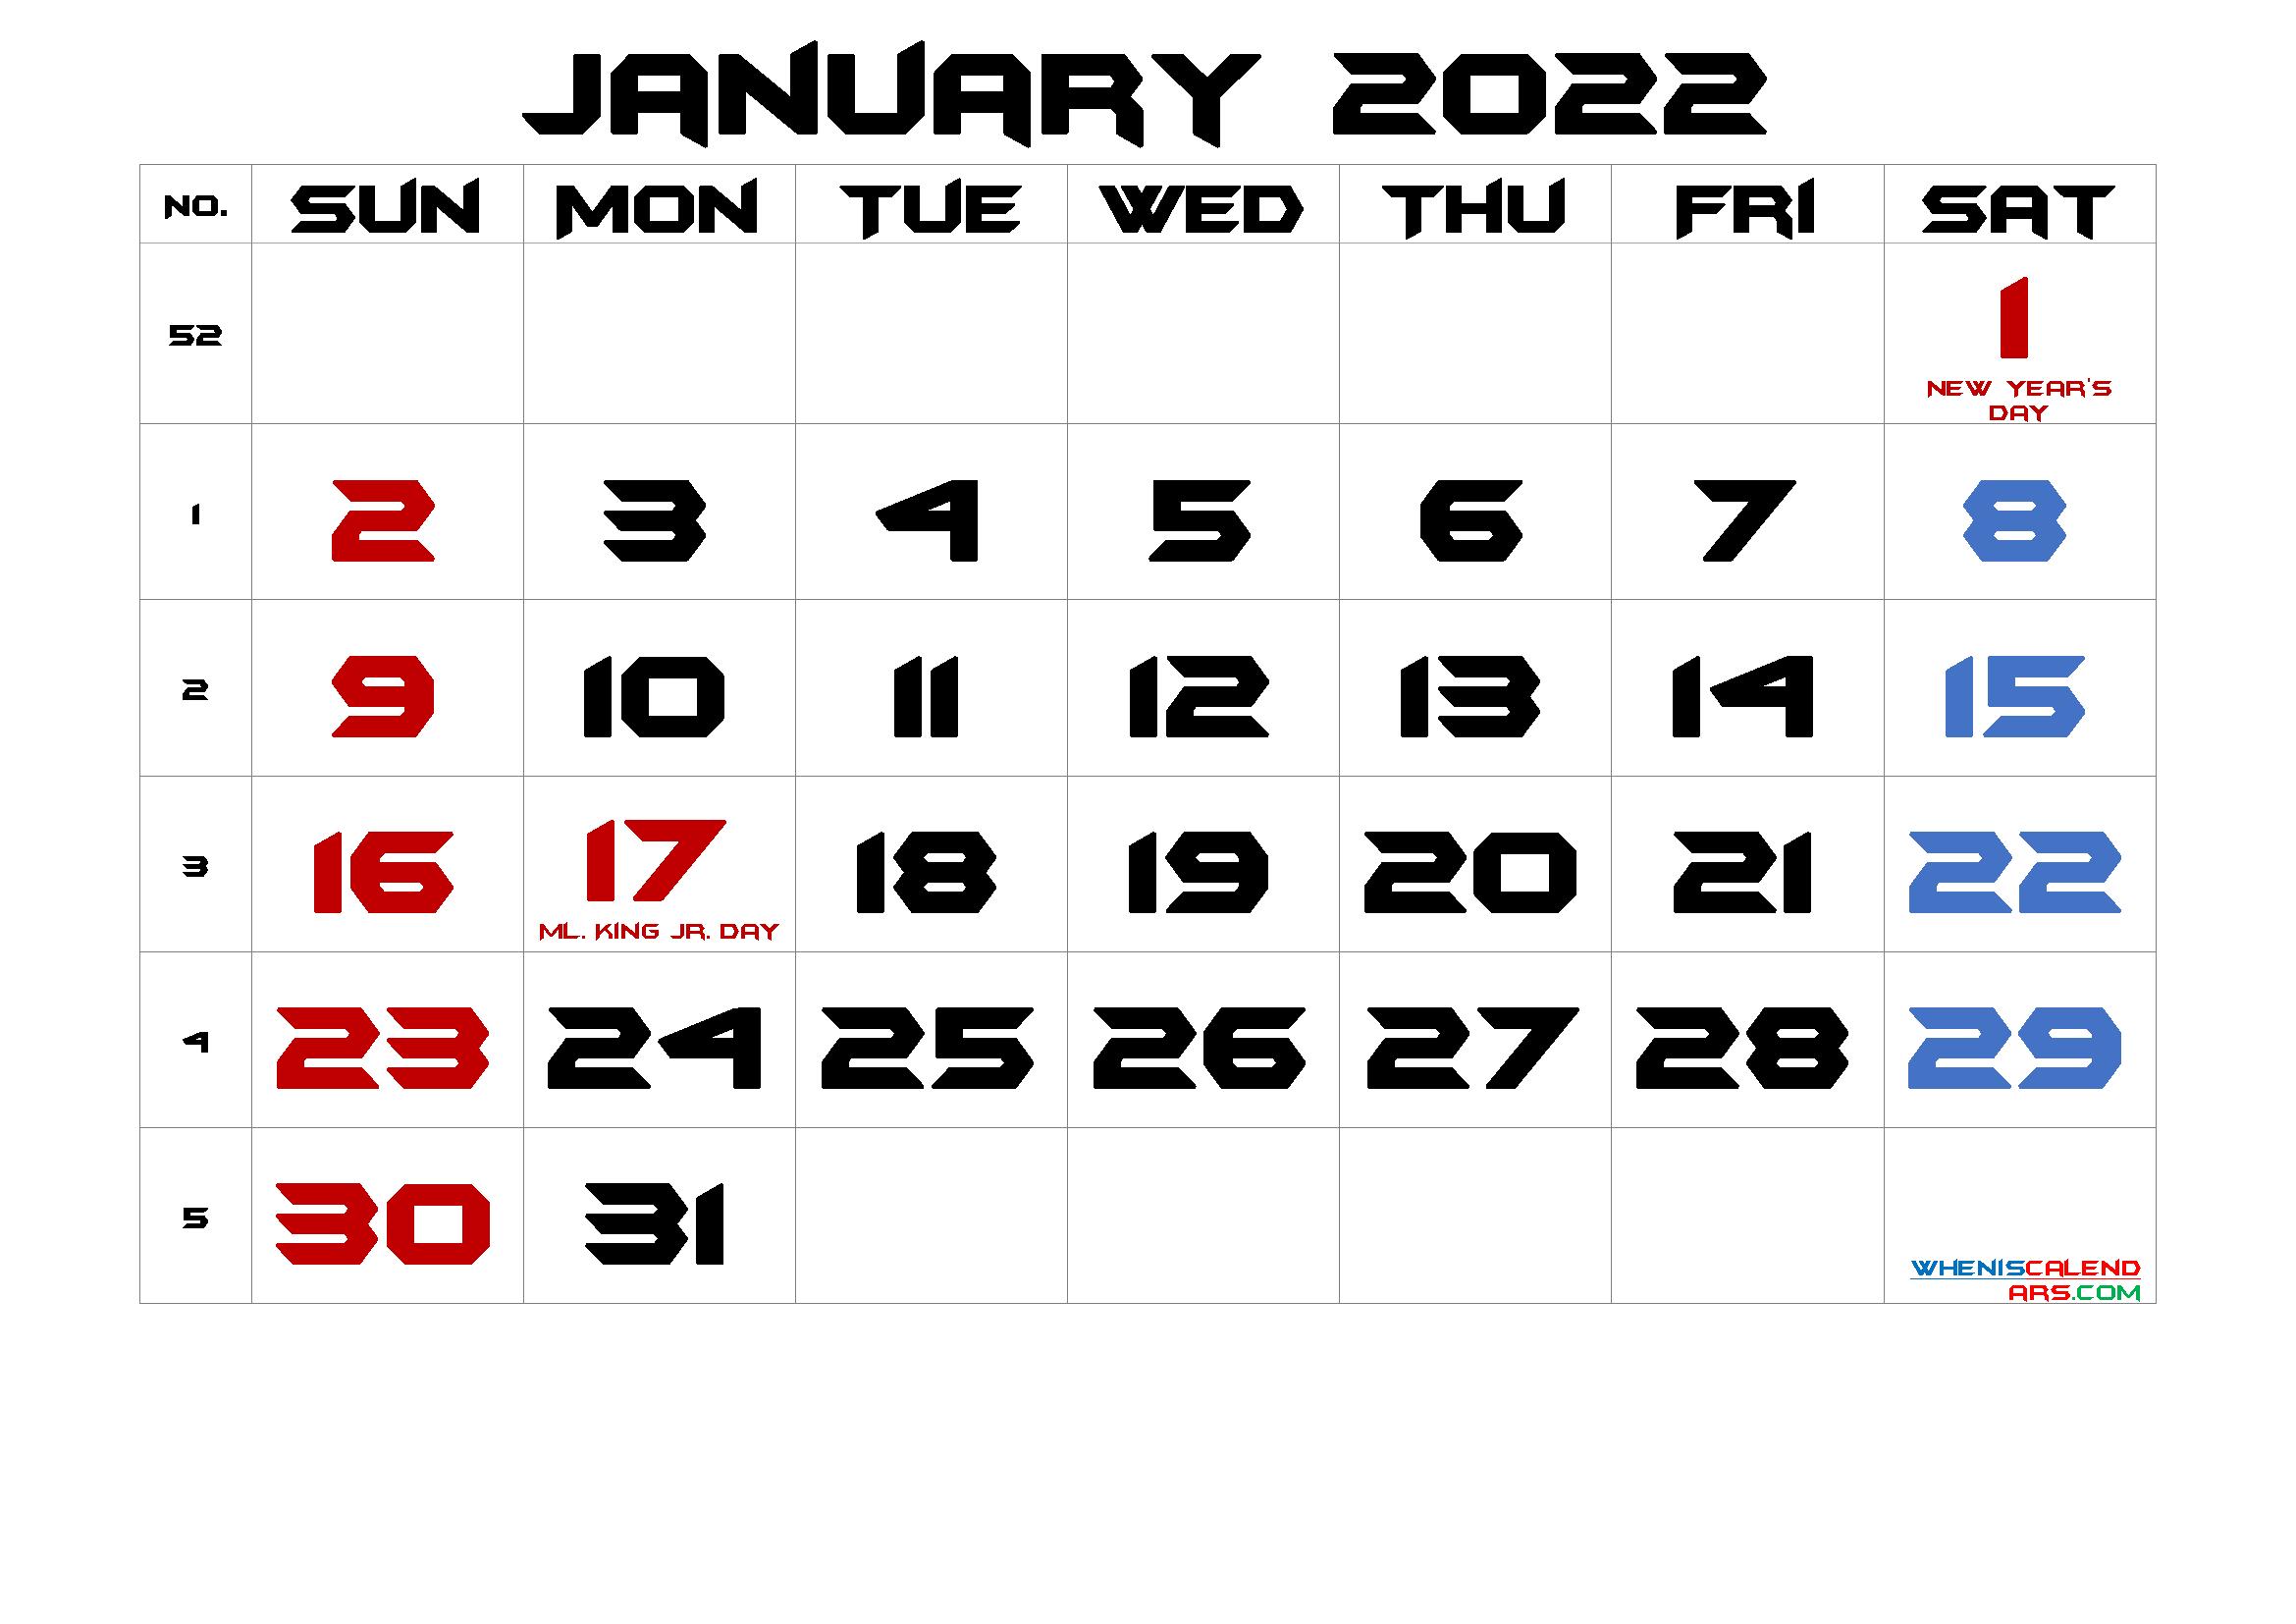 Printable October 2022 Calendar Word.Free Printable January 2022 Calendar Pdf And Png Calendar Printables Calendar With Week Numbers 2021 Calendar